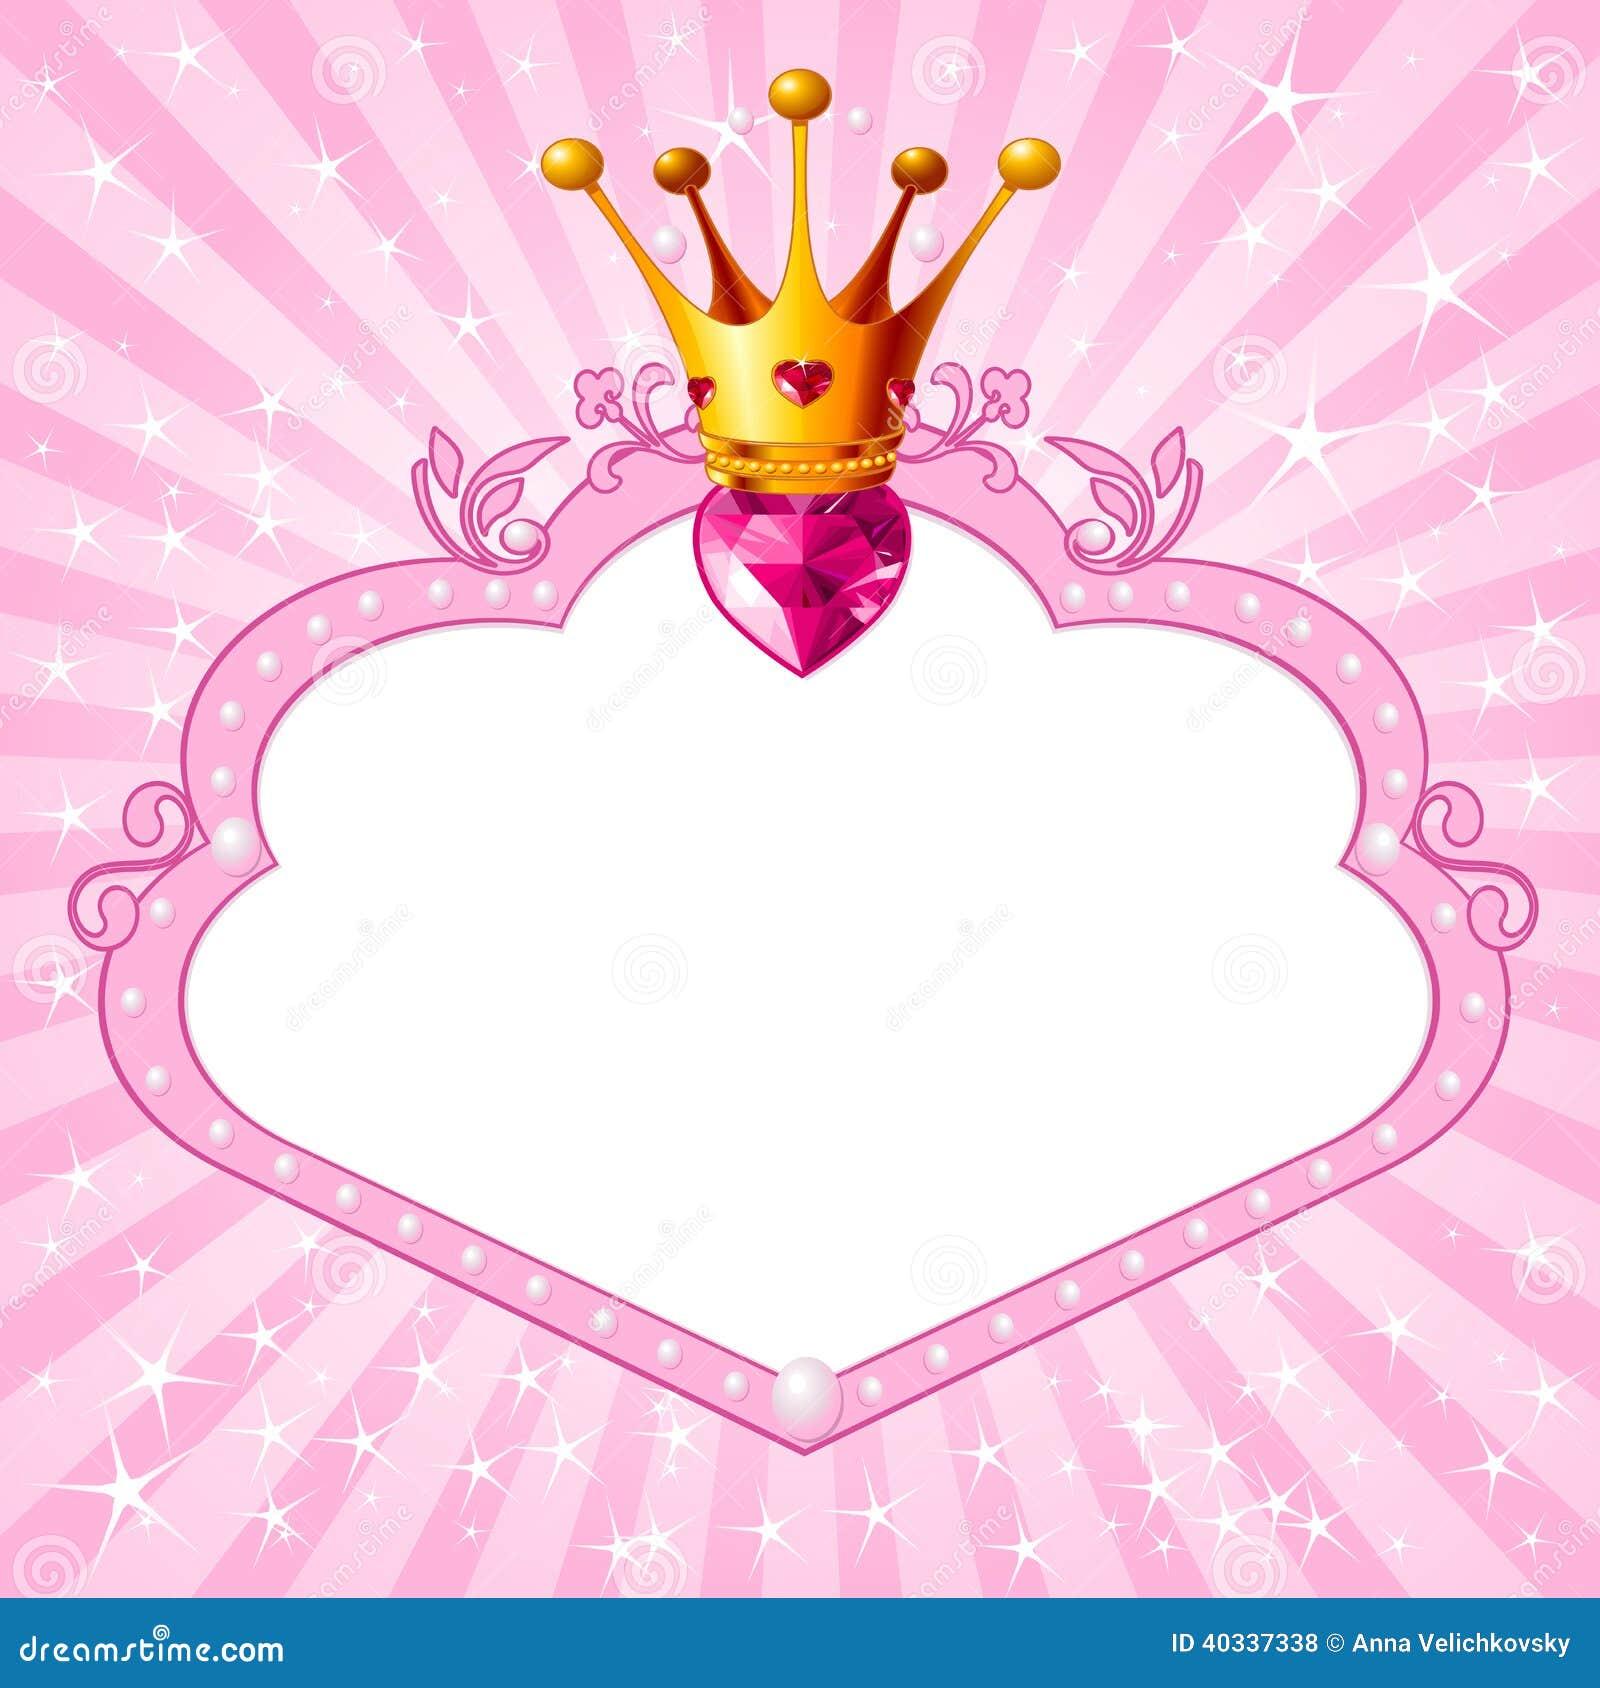 с днем рождения принцессы картинки